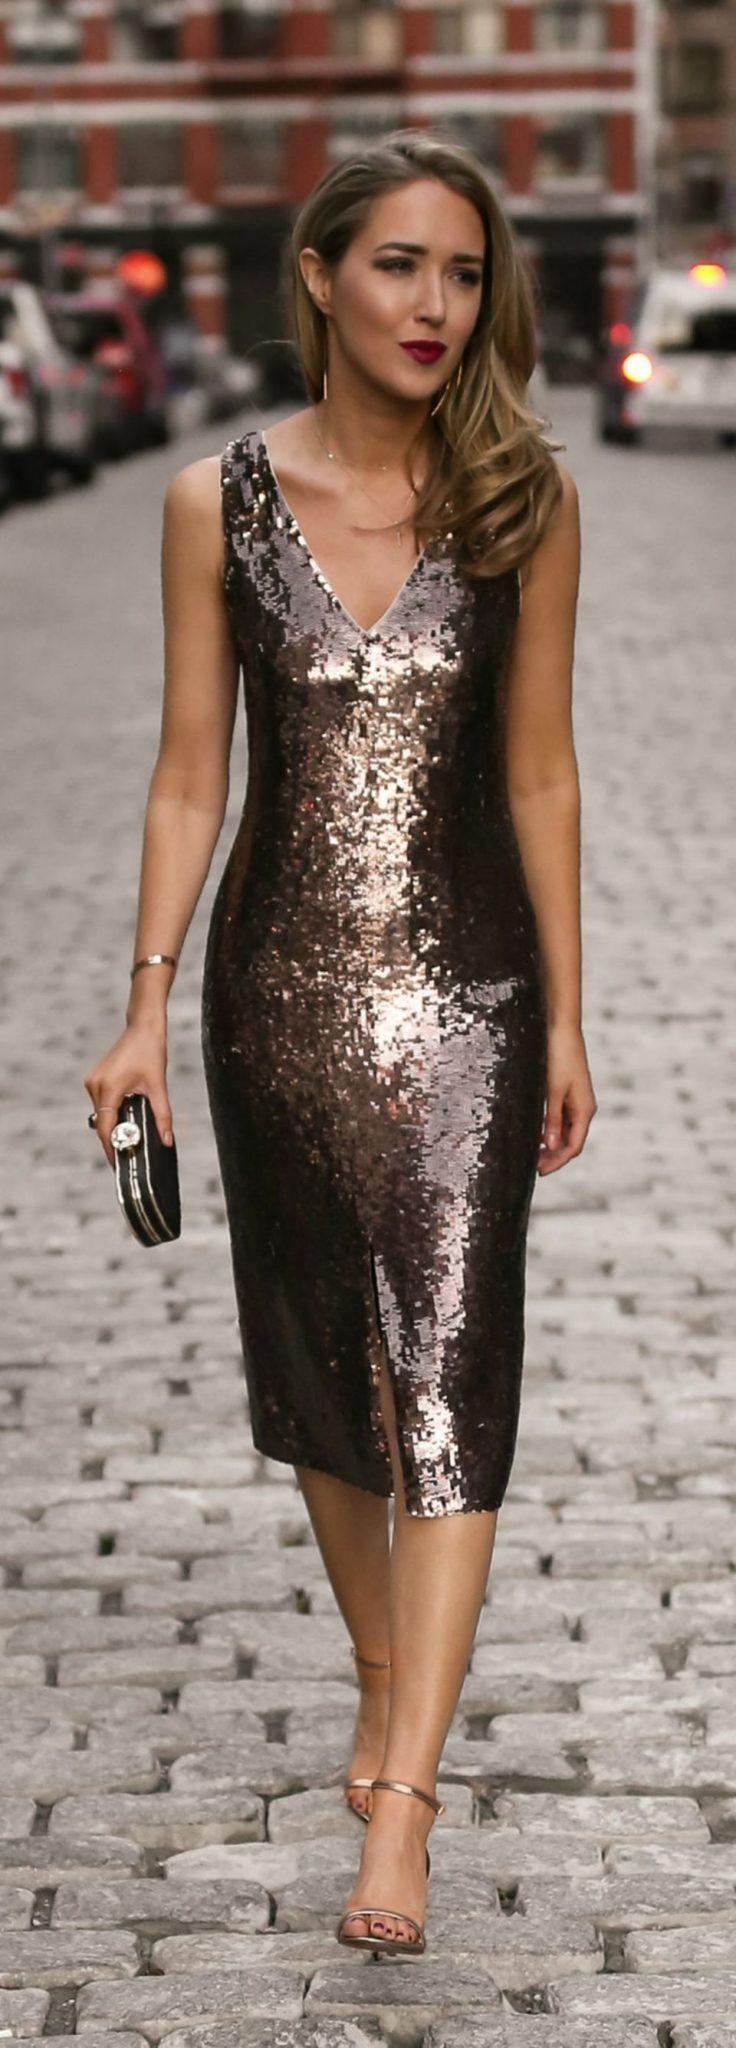 983ffd01c2c0 Οι φούστες είναι μια ακόμη από τις άκρως θηλυκές επιλογές που μπορείτε να  κάνετε στο βραδινό ντύσιμο για το ρεβεγιόν. Επιλέξτε το ιδανικό στυλ και  μήκος ...